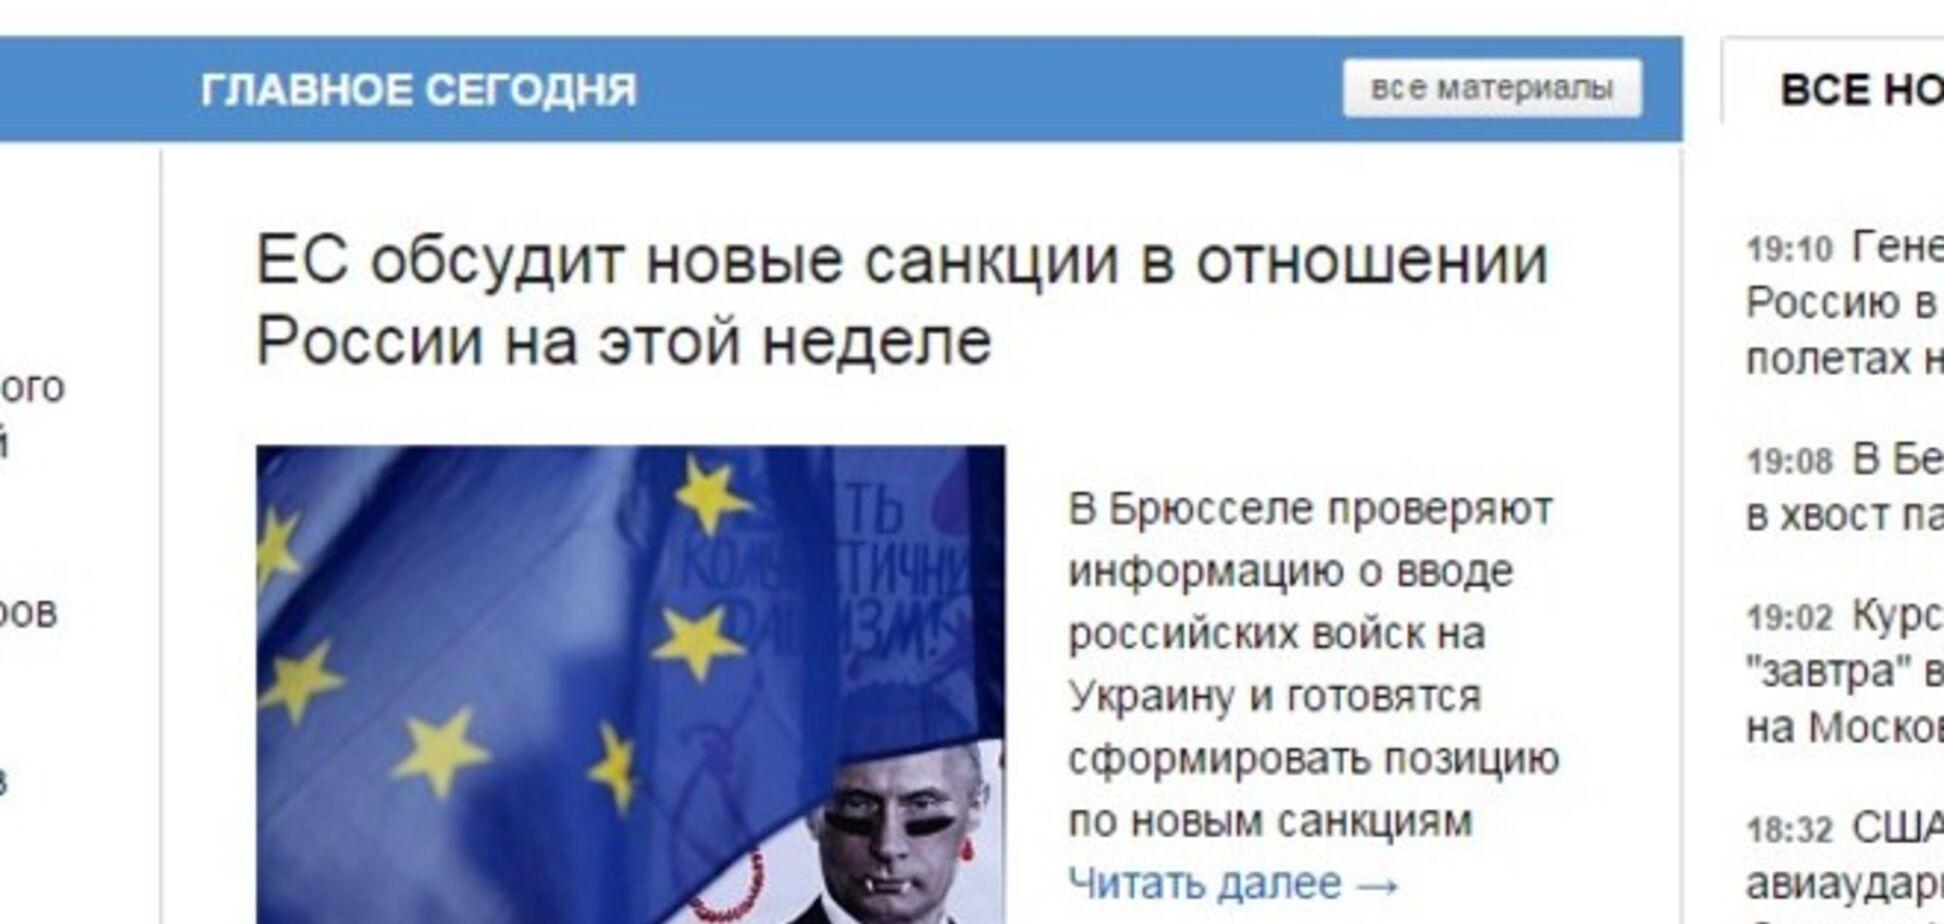 Российский 'Интерфакс' на главной странице опубликовал изображение Путина с клыками